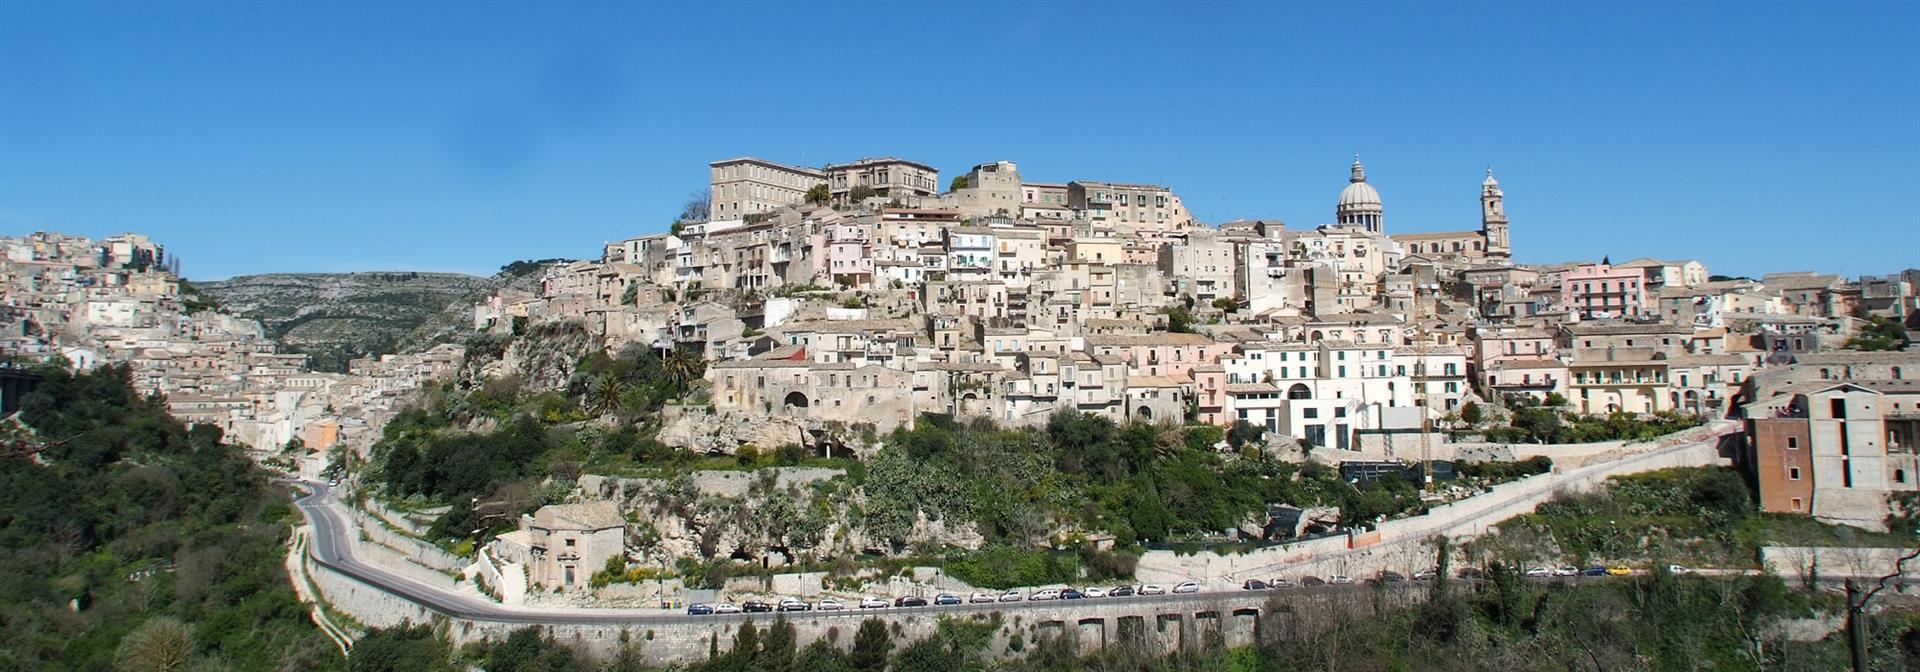 Edilia vacanze ville e appartamenti in affitto a marina for Appartamenti in affitto a bressanone e dintorni